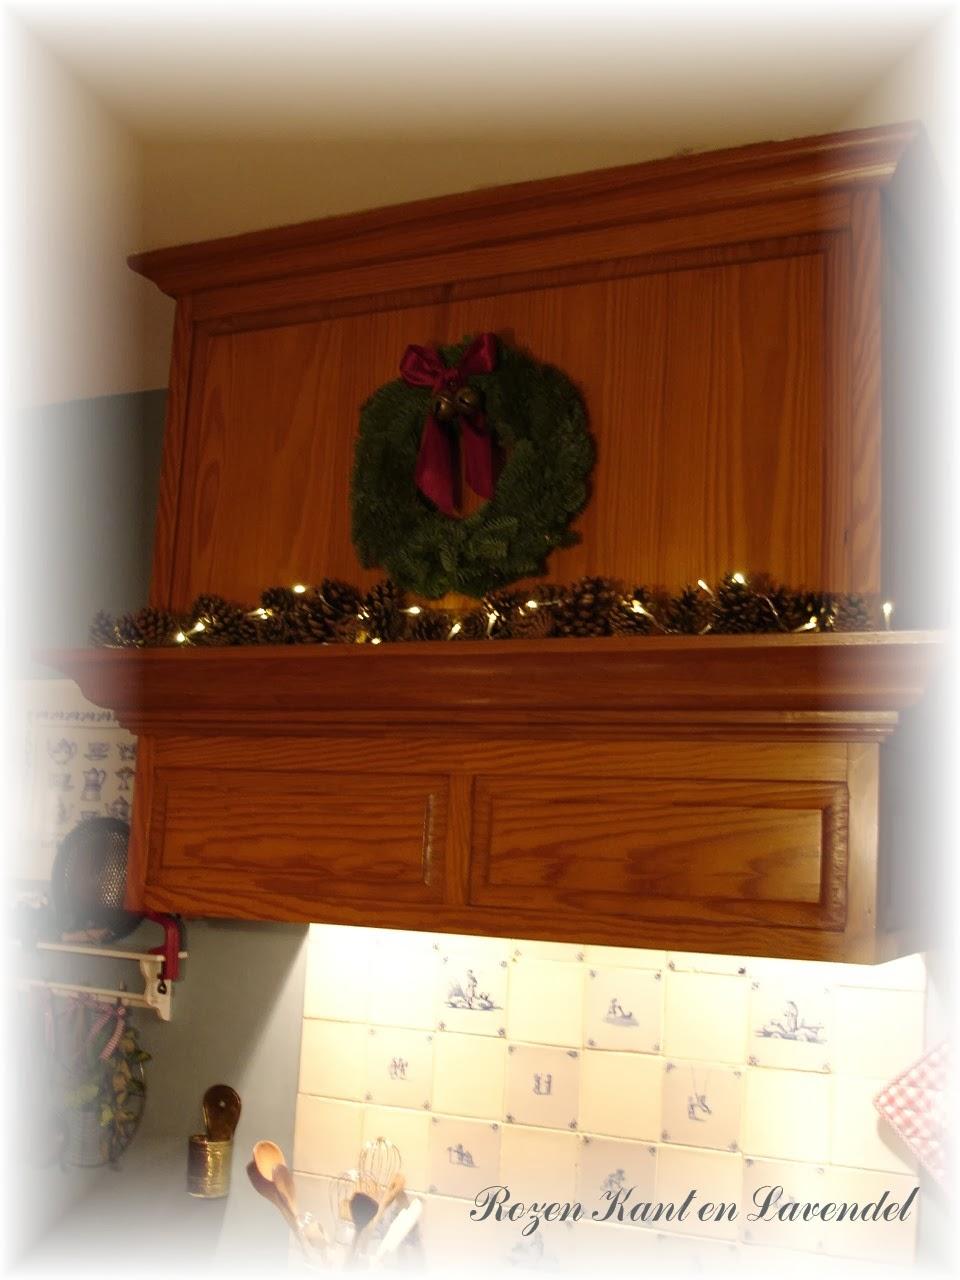 Rozen   kant en lavendel: kerstsfeer in de keuken...